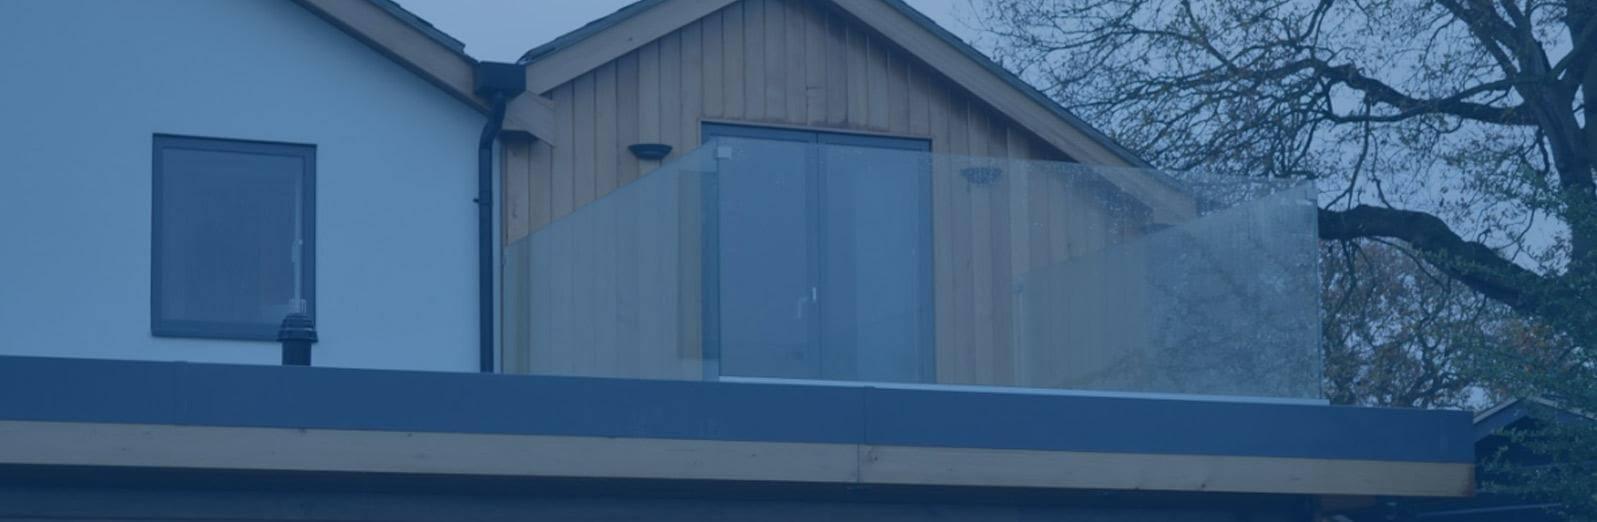 exterior-glass-banner